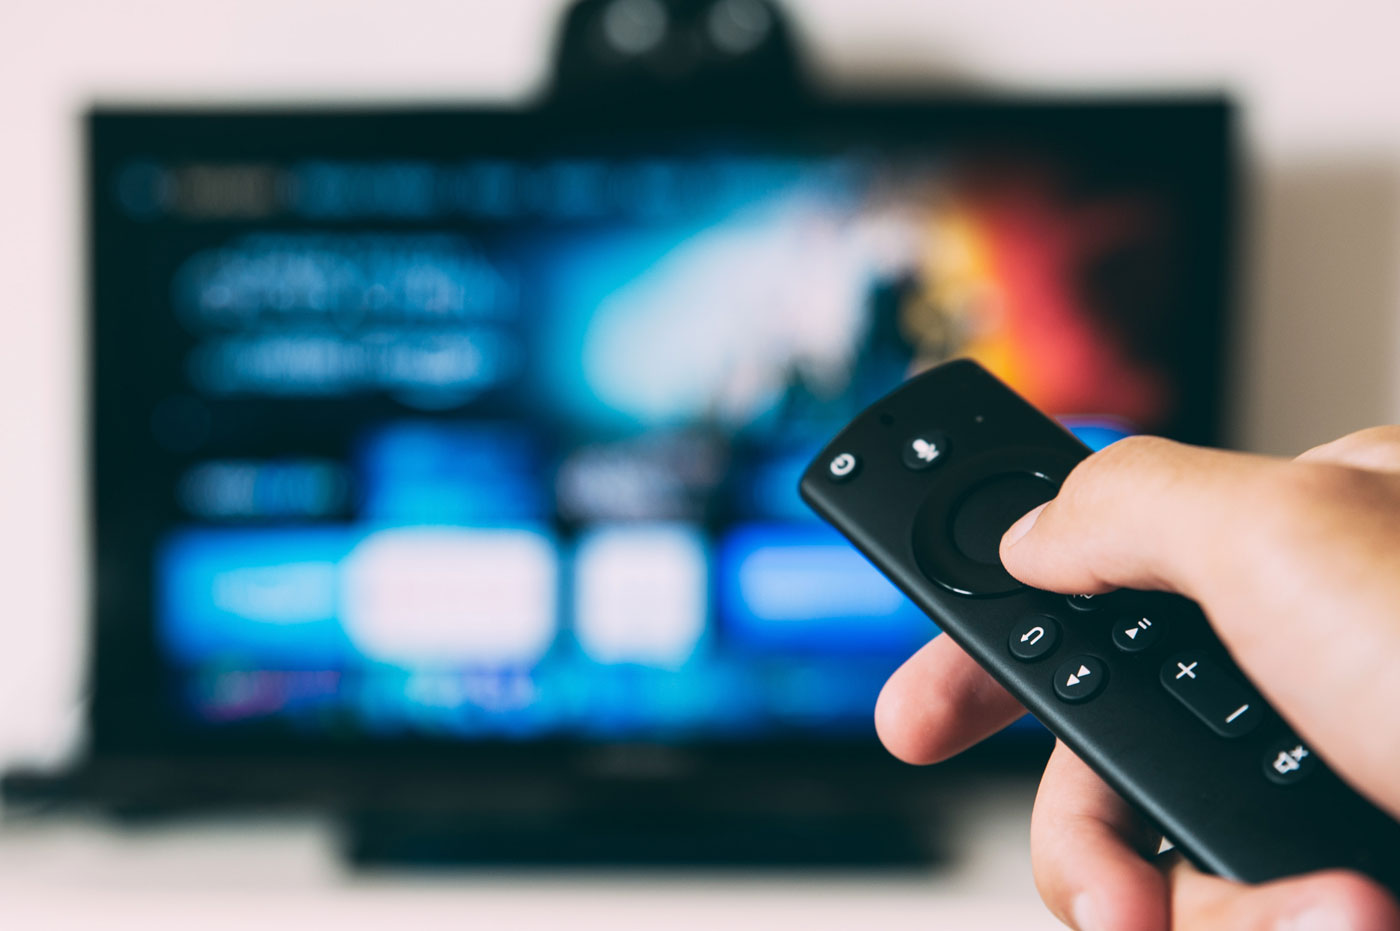 🎥 Фільм Нарімана Алієва «Додому» вийшов онлайн: де подивитися